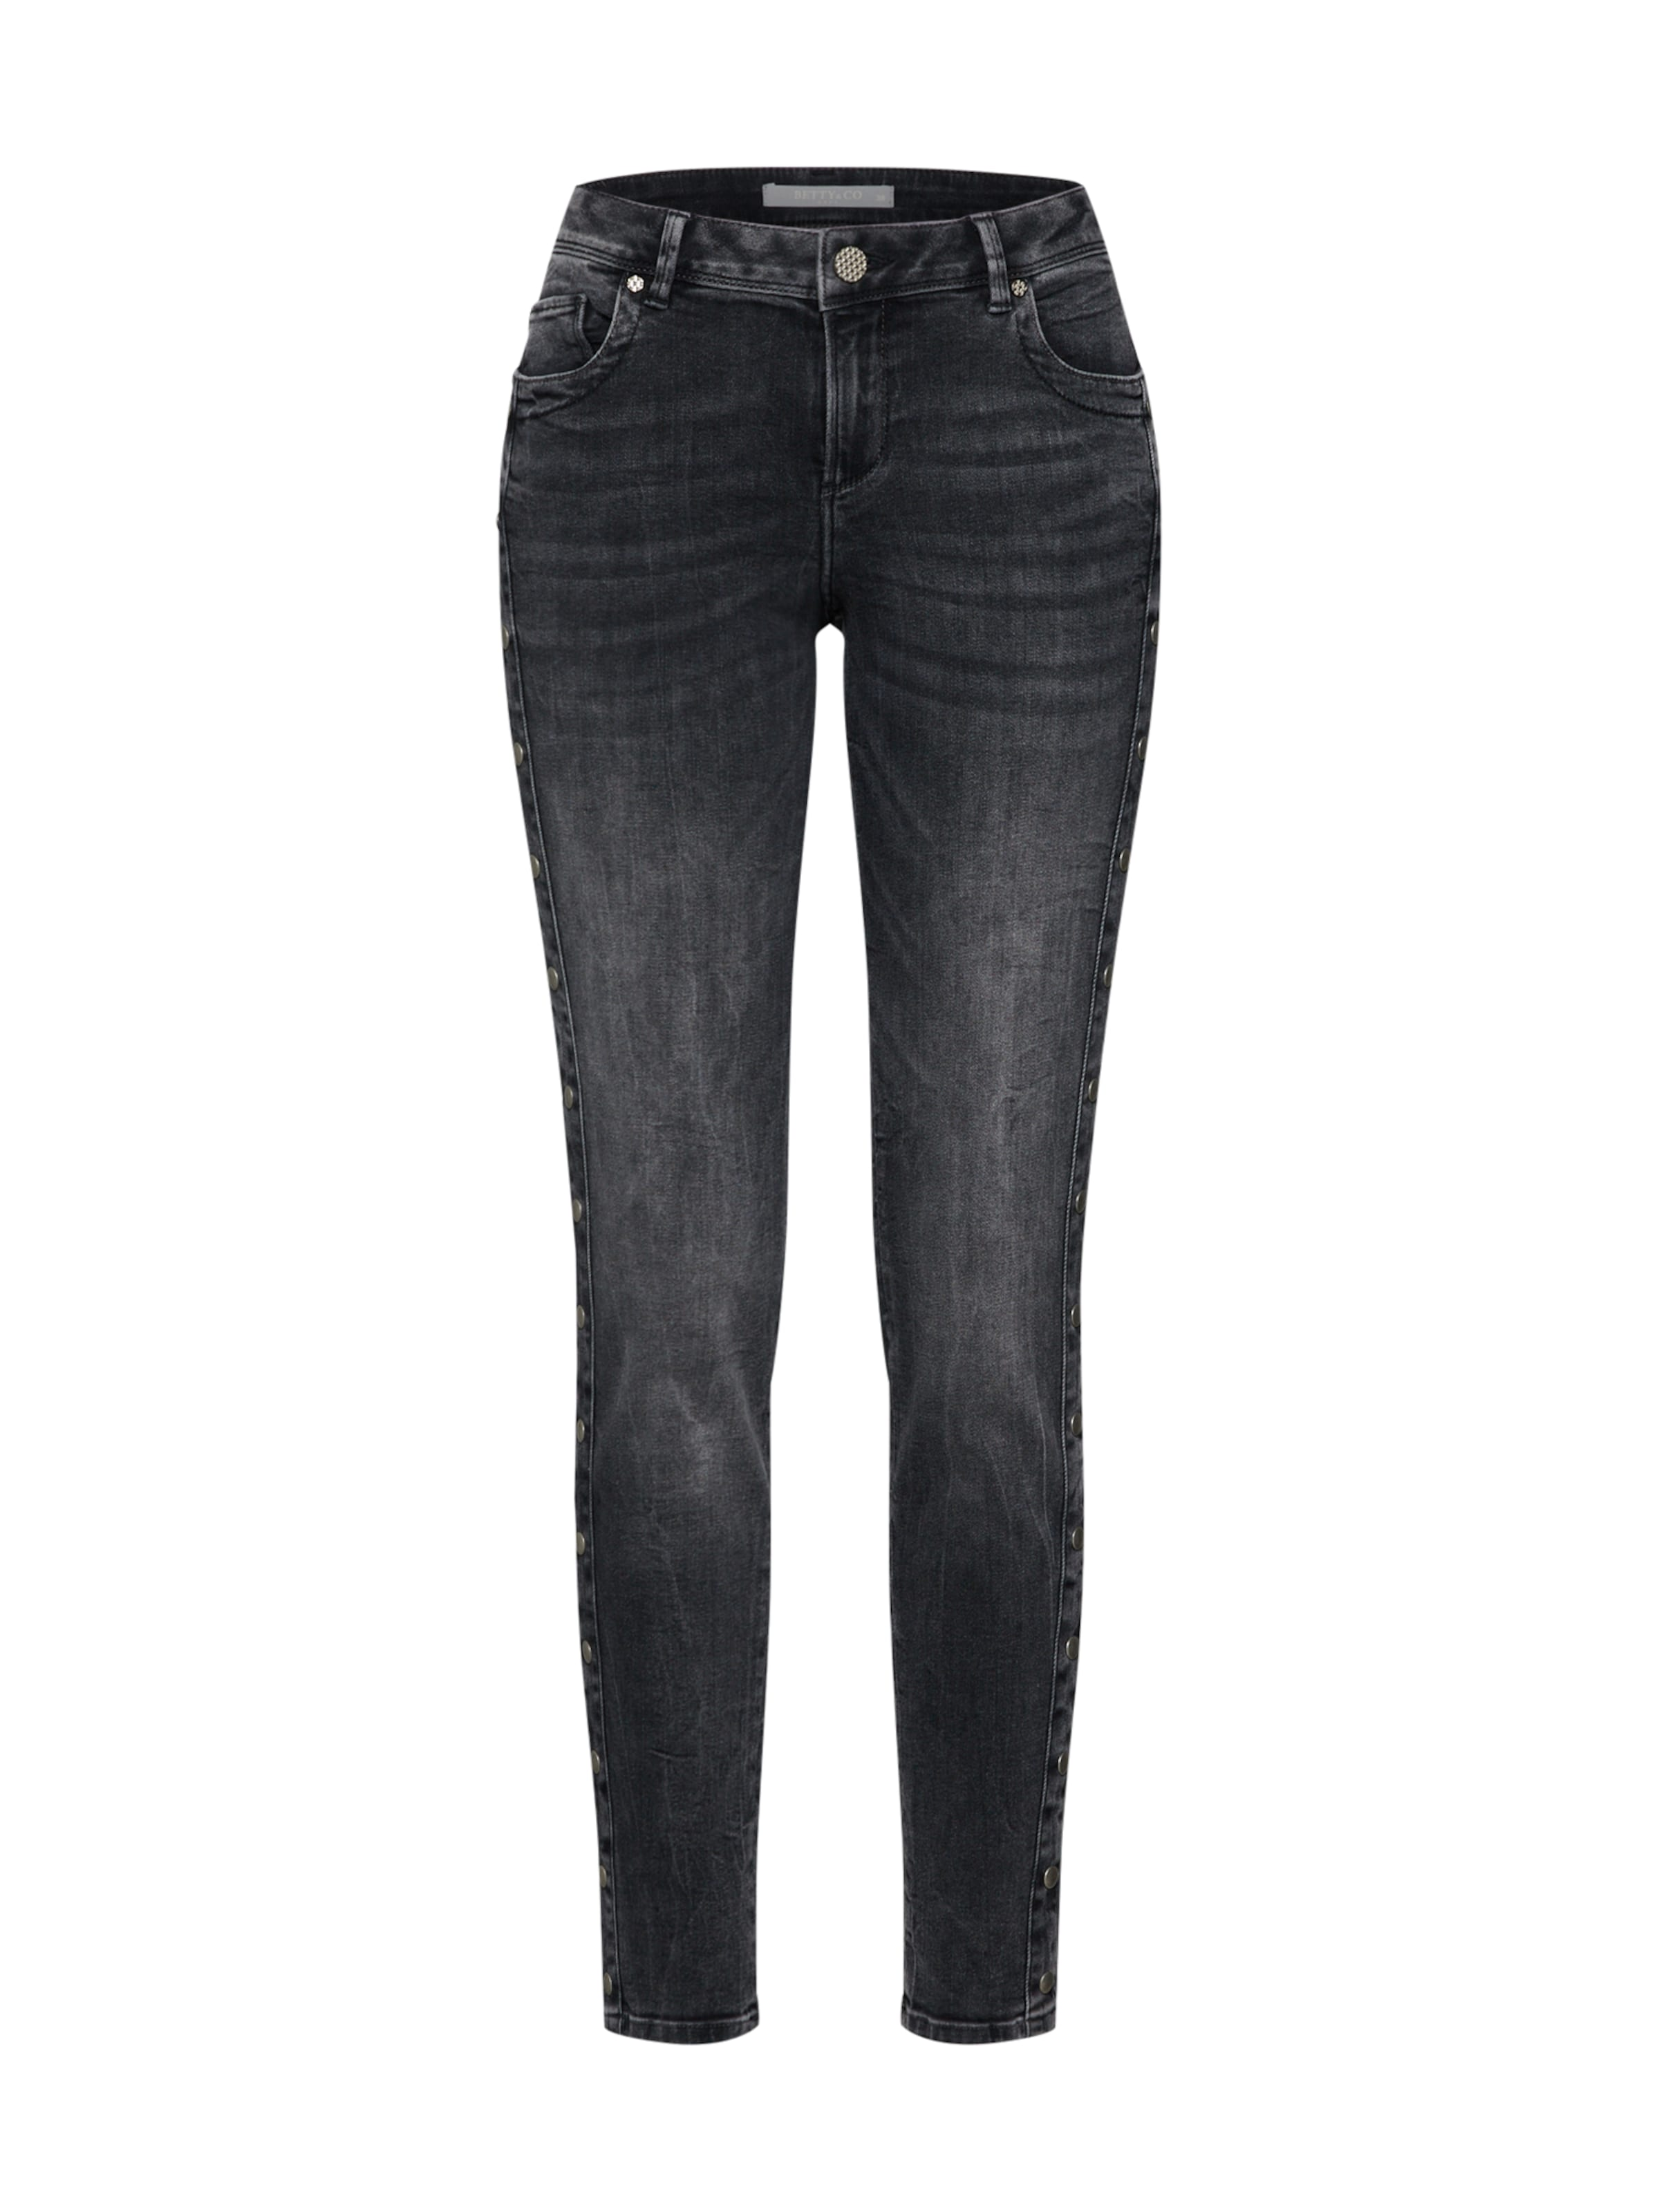 Dunkelgrau Co Jeans Bettyamp; In Bettyamp; In Co Jeans Dunkelgrau KT1JclF3